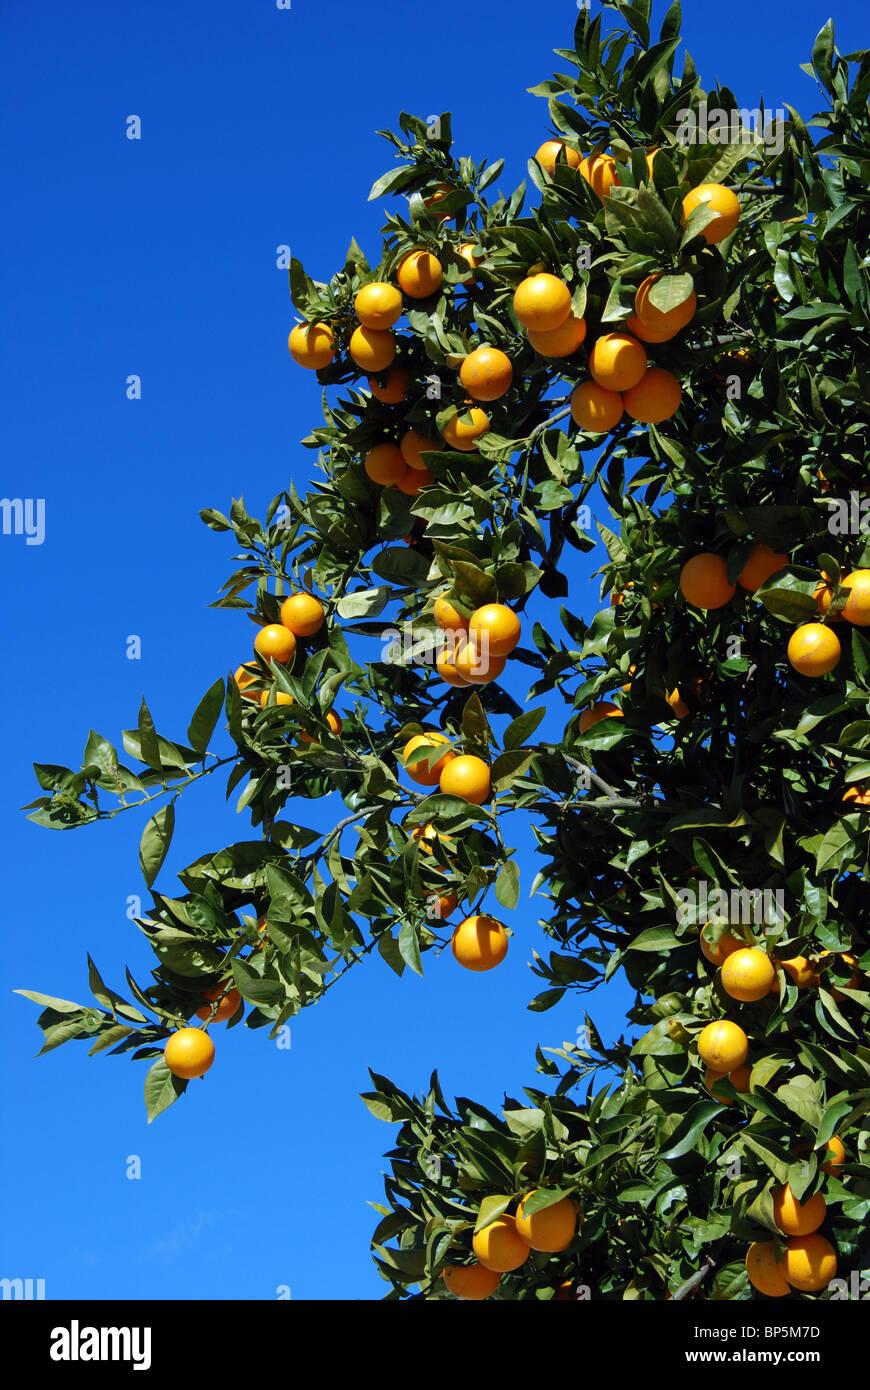 Seville orange tree, Riviera del Sol, Mijas Costa, Costa del Sol, Malaga Province, Andalucia, Spain, Western Europe. Stock Photo